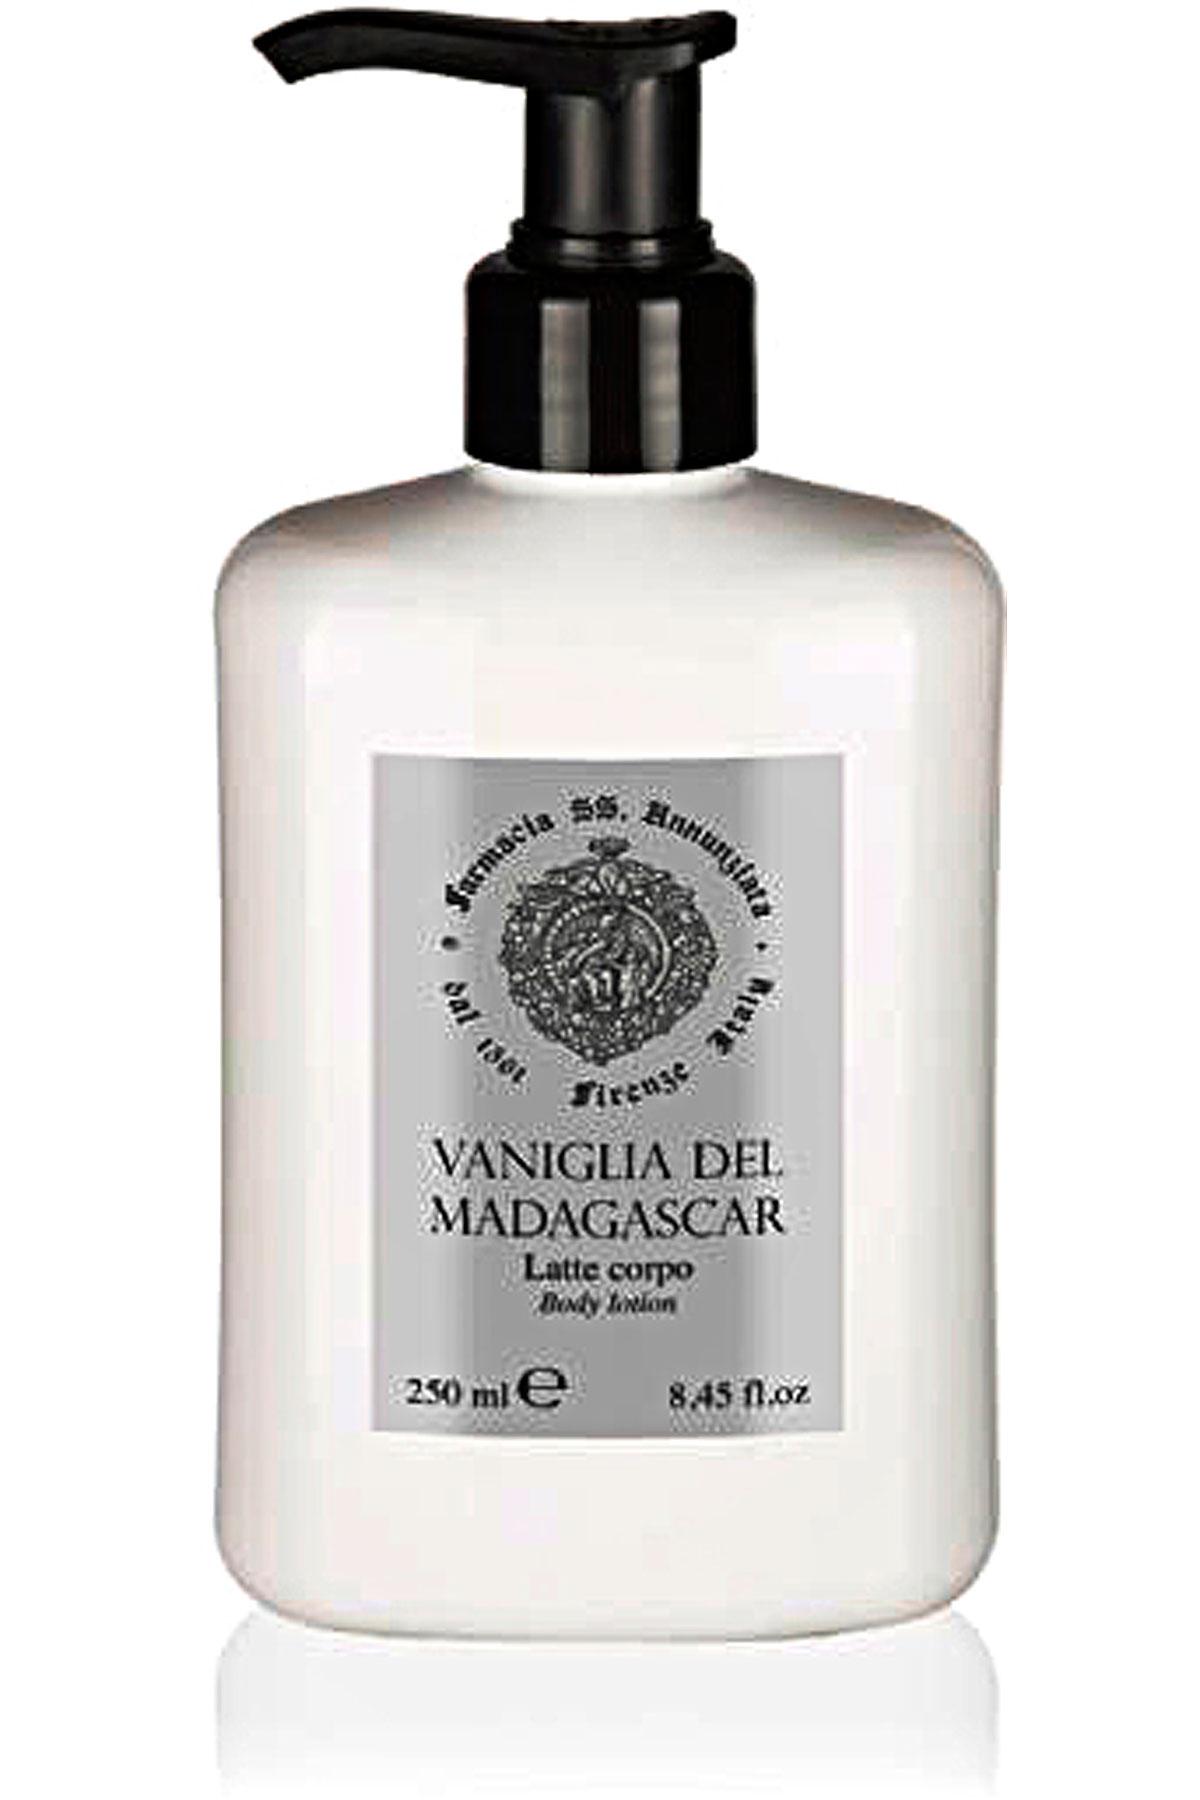 Farmacia Ss Annunziata 1561 Beauty for Men On Sale, Vaniglia Del Madagascar - Body Milk - 250 Ml, 2019, 250 ml